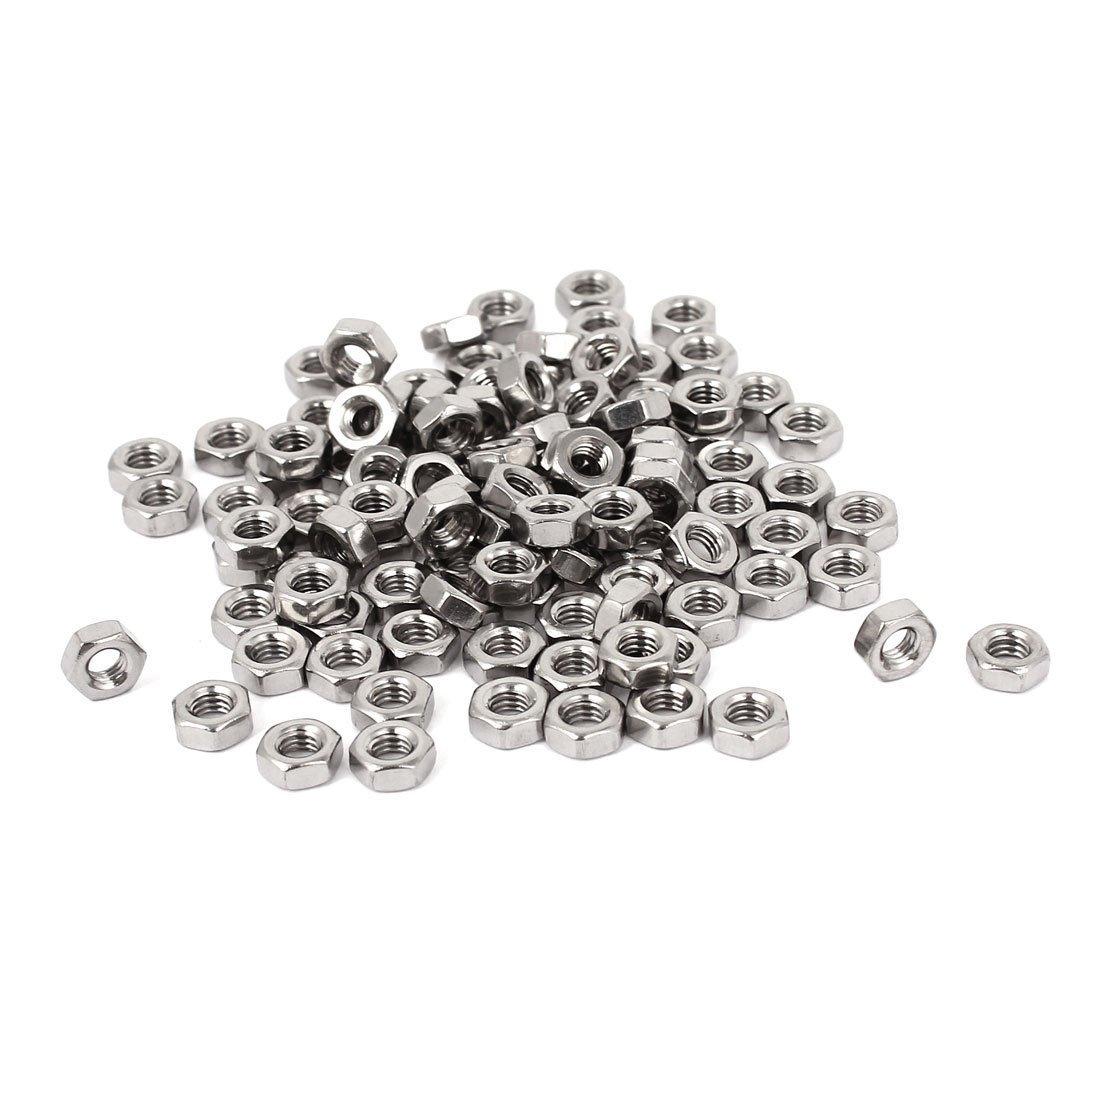 Sujetador perno - SODIAL(R) Sujetador de acero inoxidable 304 tuercas hexagonales M4 metricos DIN934 100pzs para perno